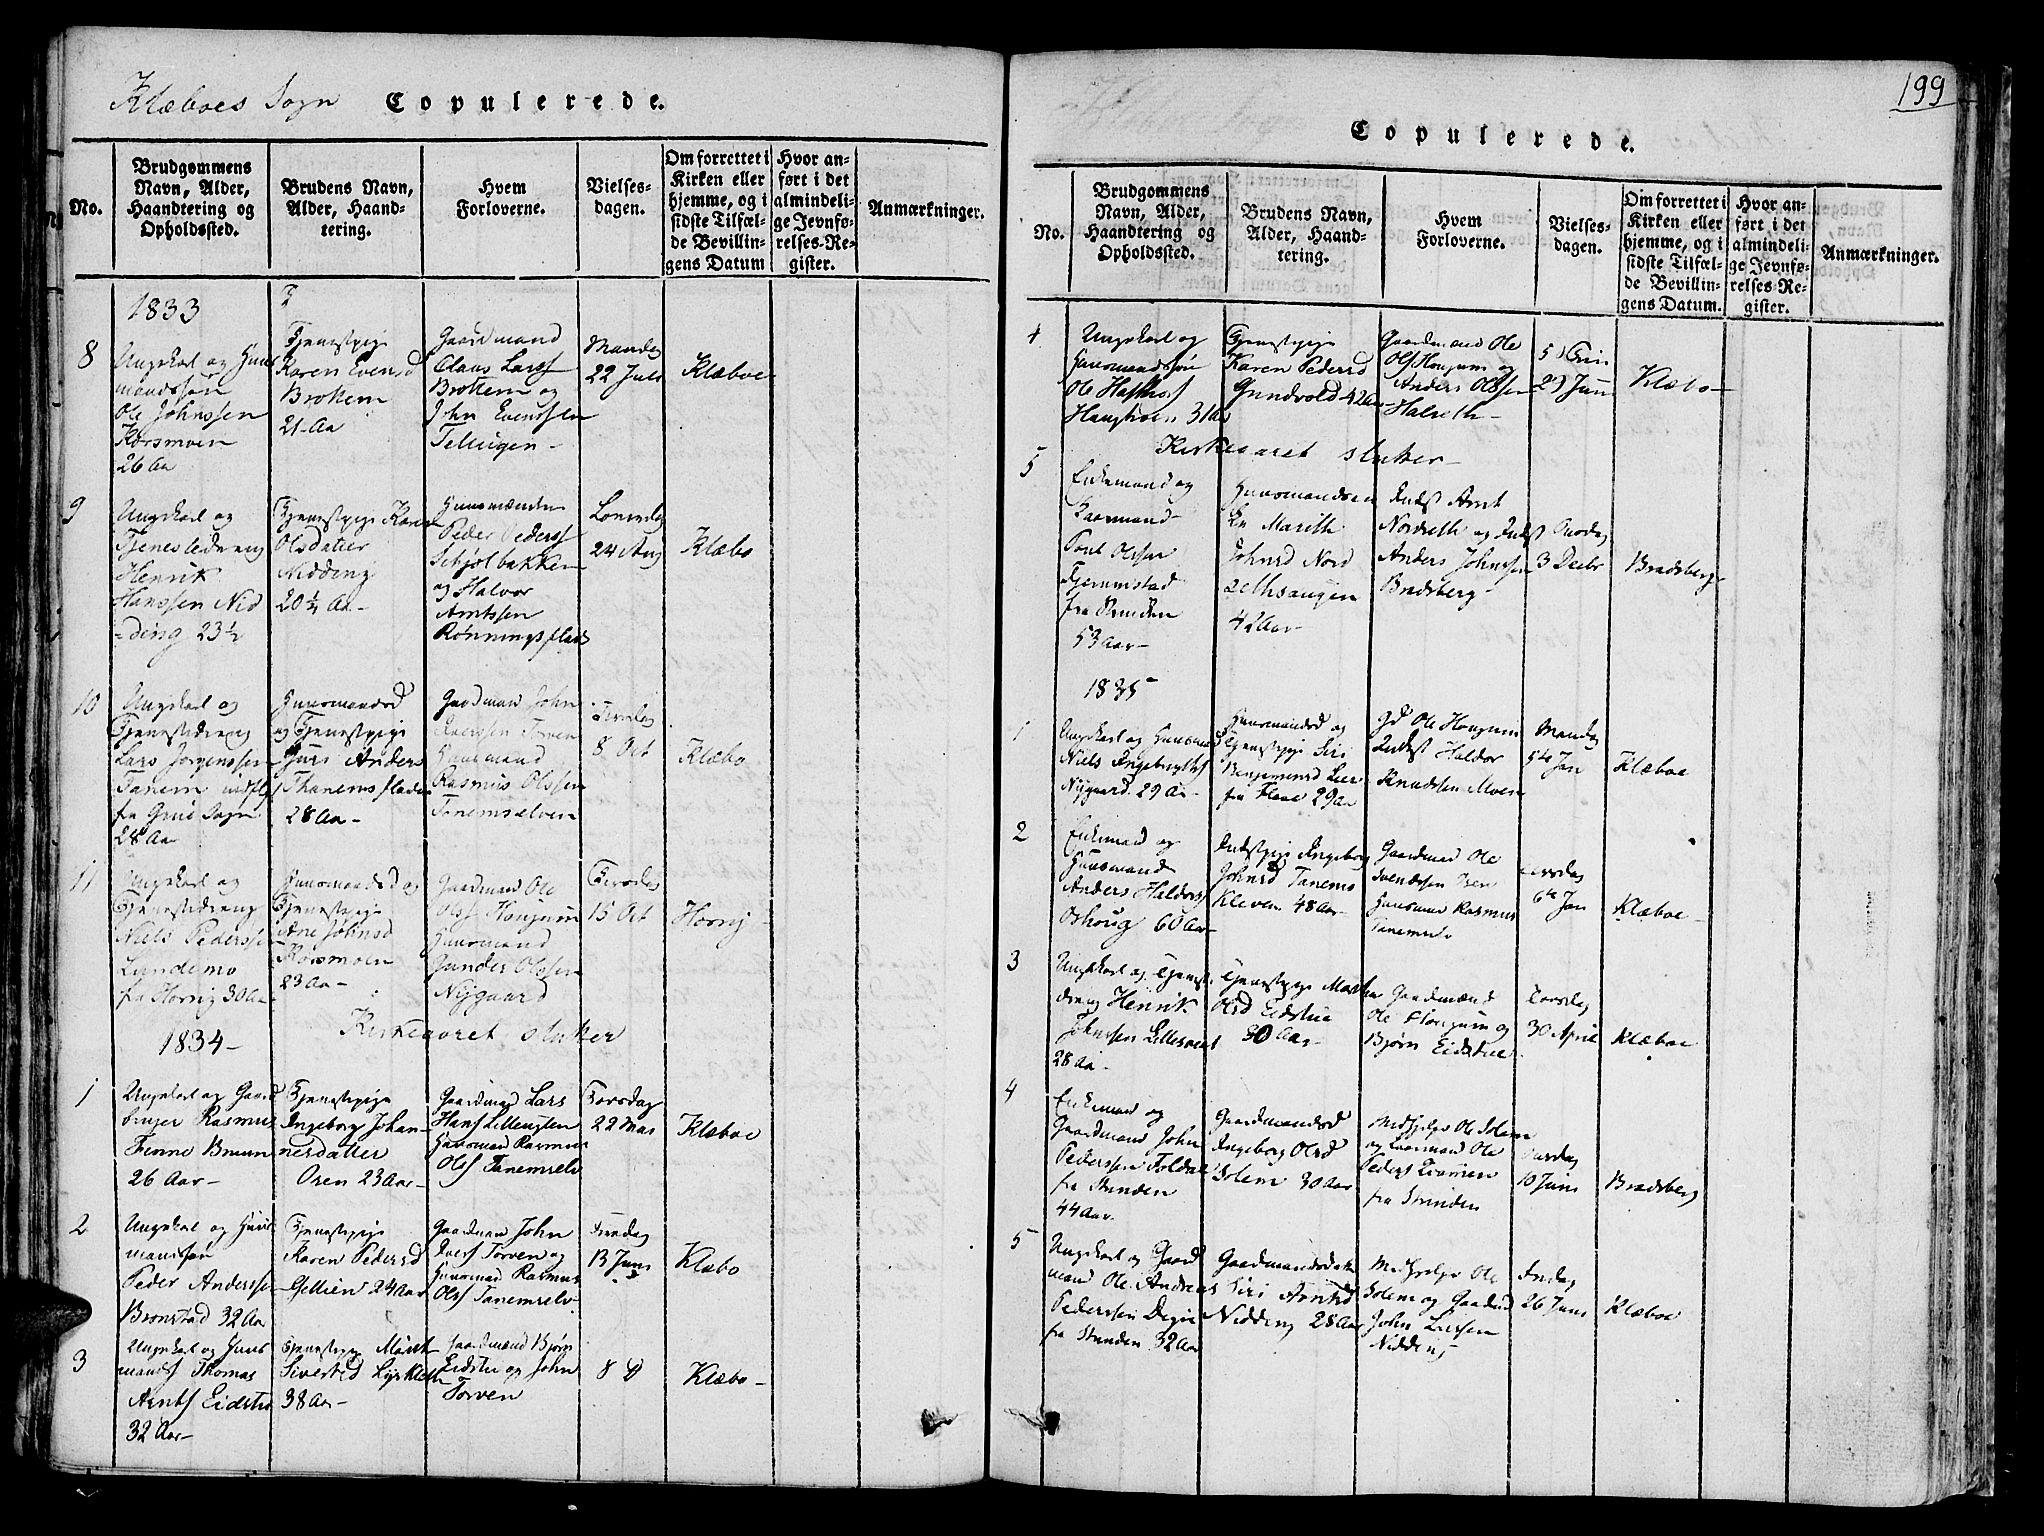 SAT, Ministerialprotokoller, klokkerbøker og fødselsregistre - Sør-Trøndelag, 618/L0439: Ministerialbok nr. 618A04 /1, 1816-1843, s. 199